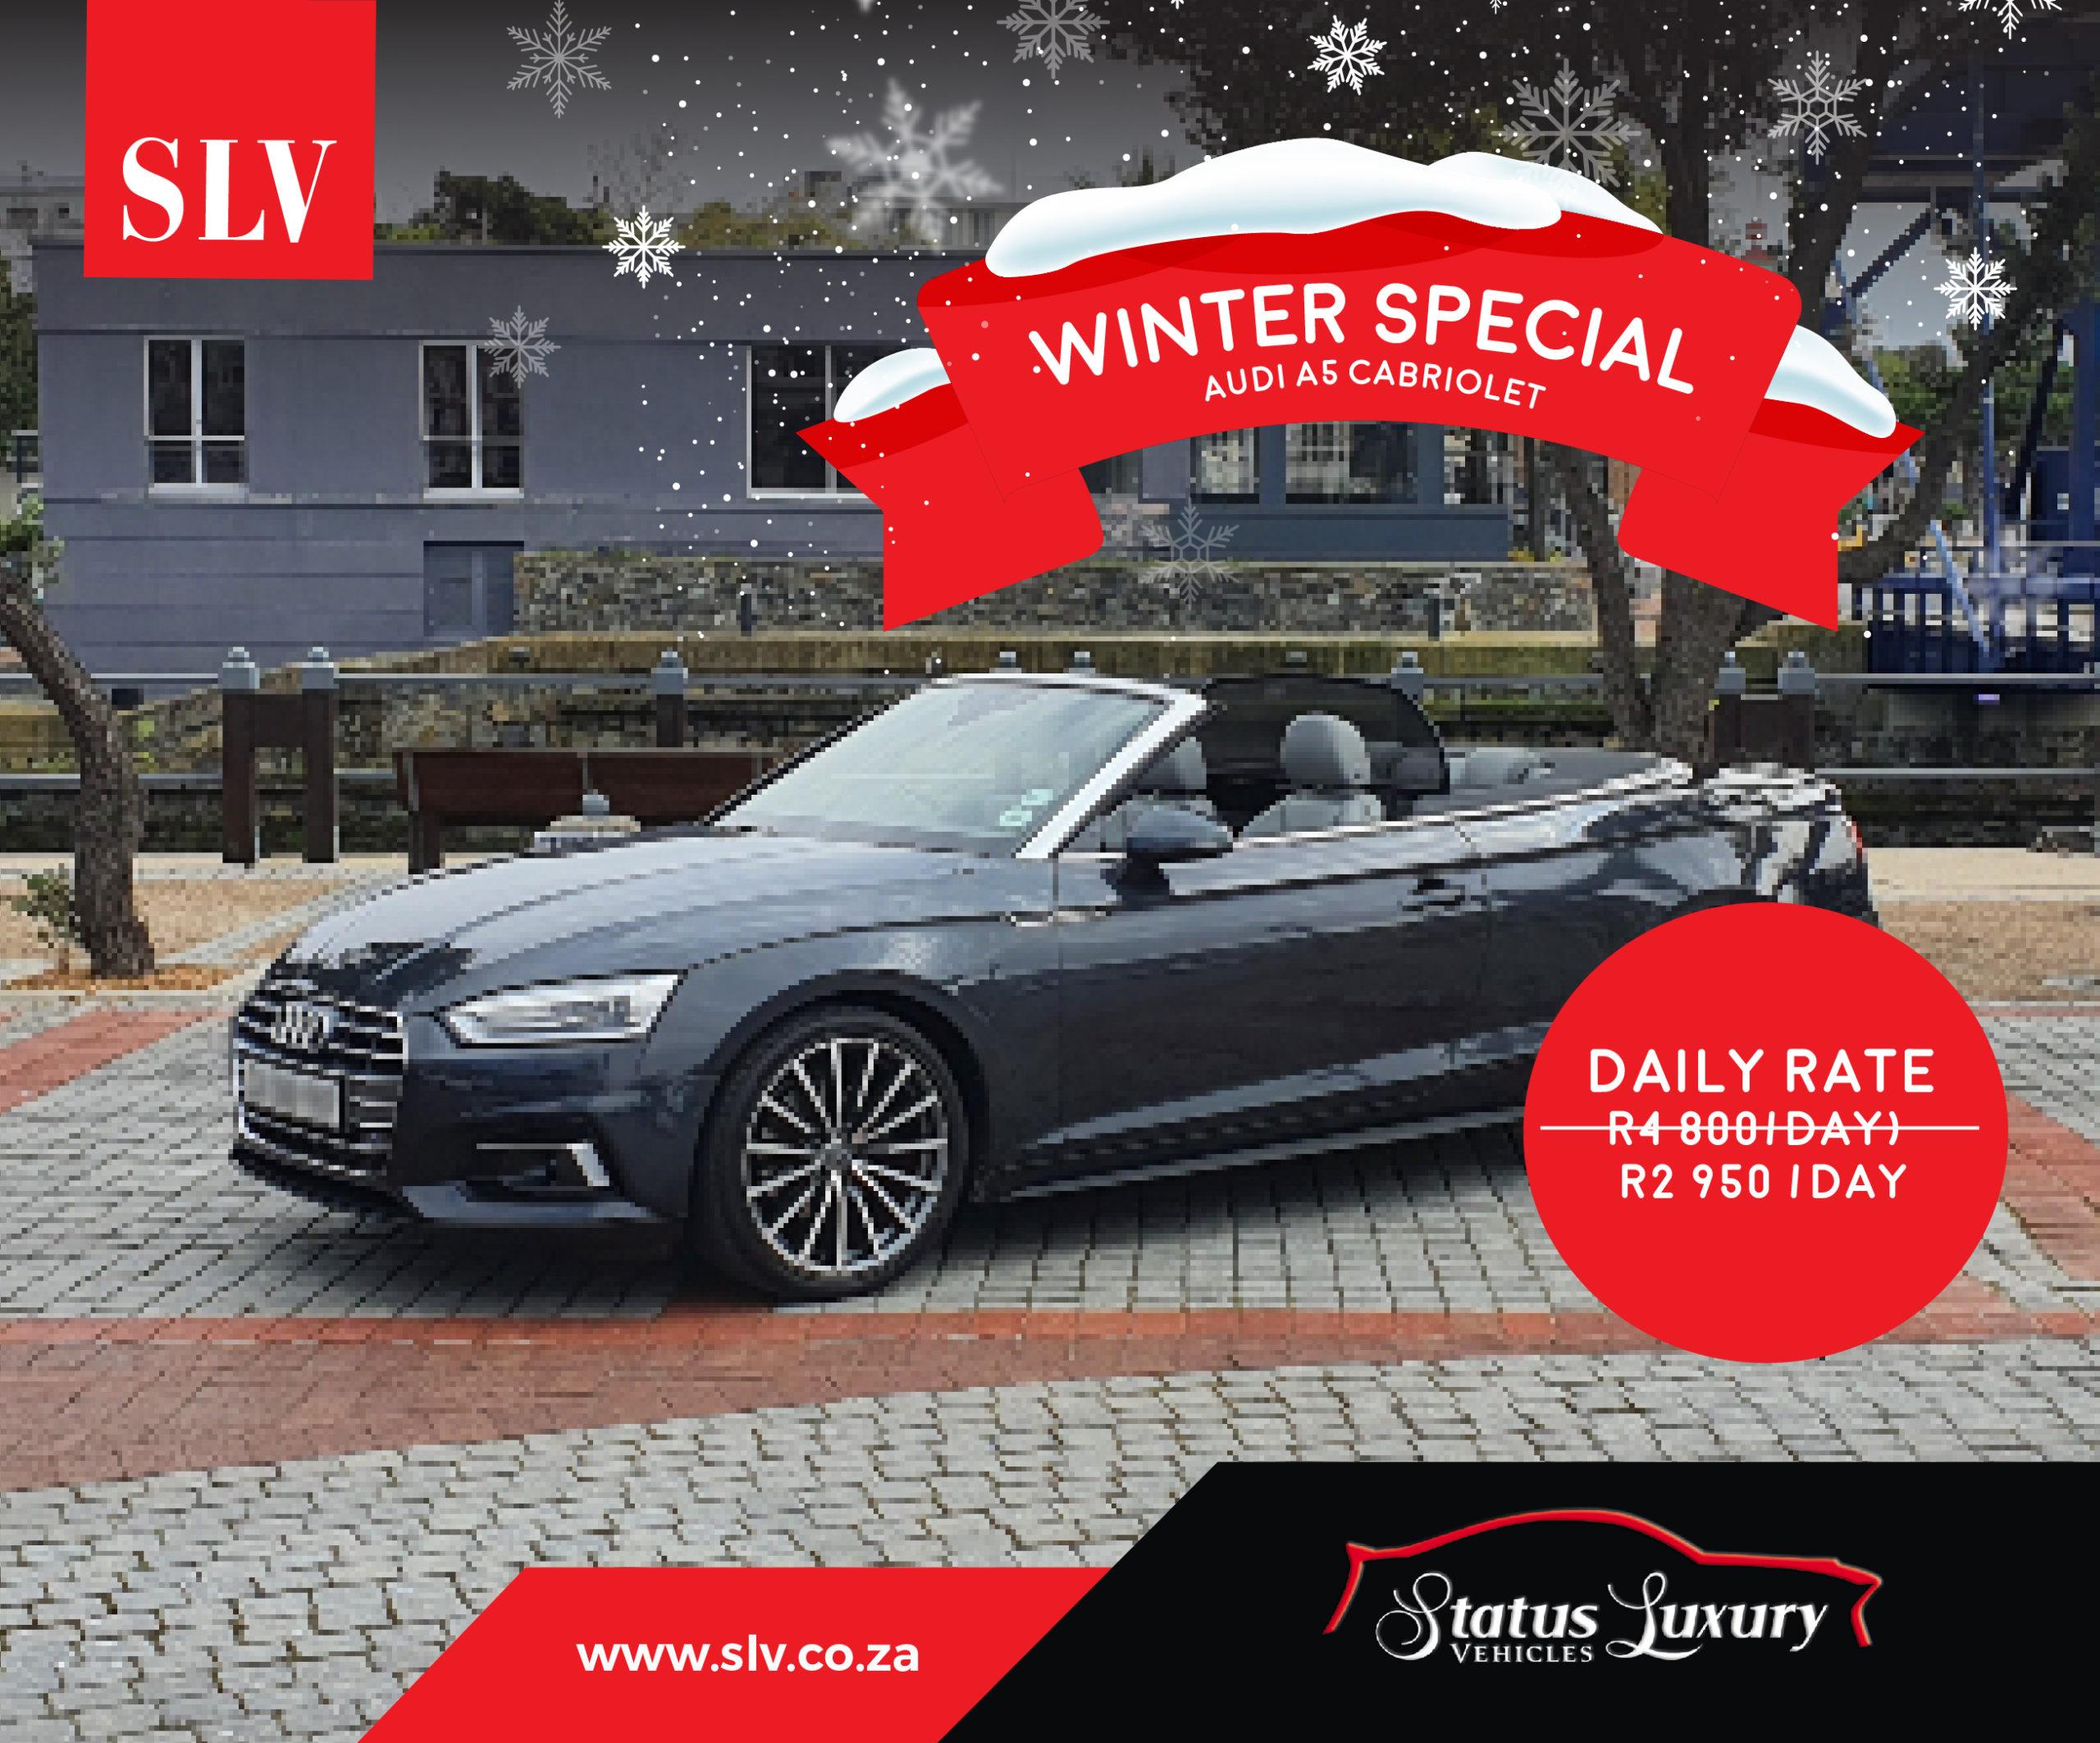 Car rental services Cape Town